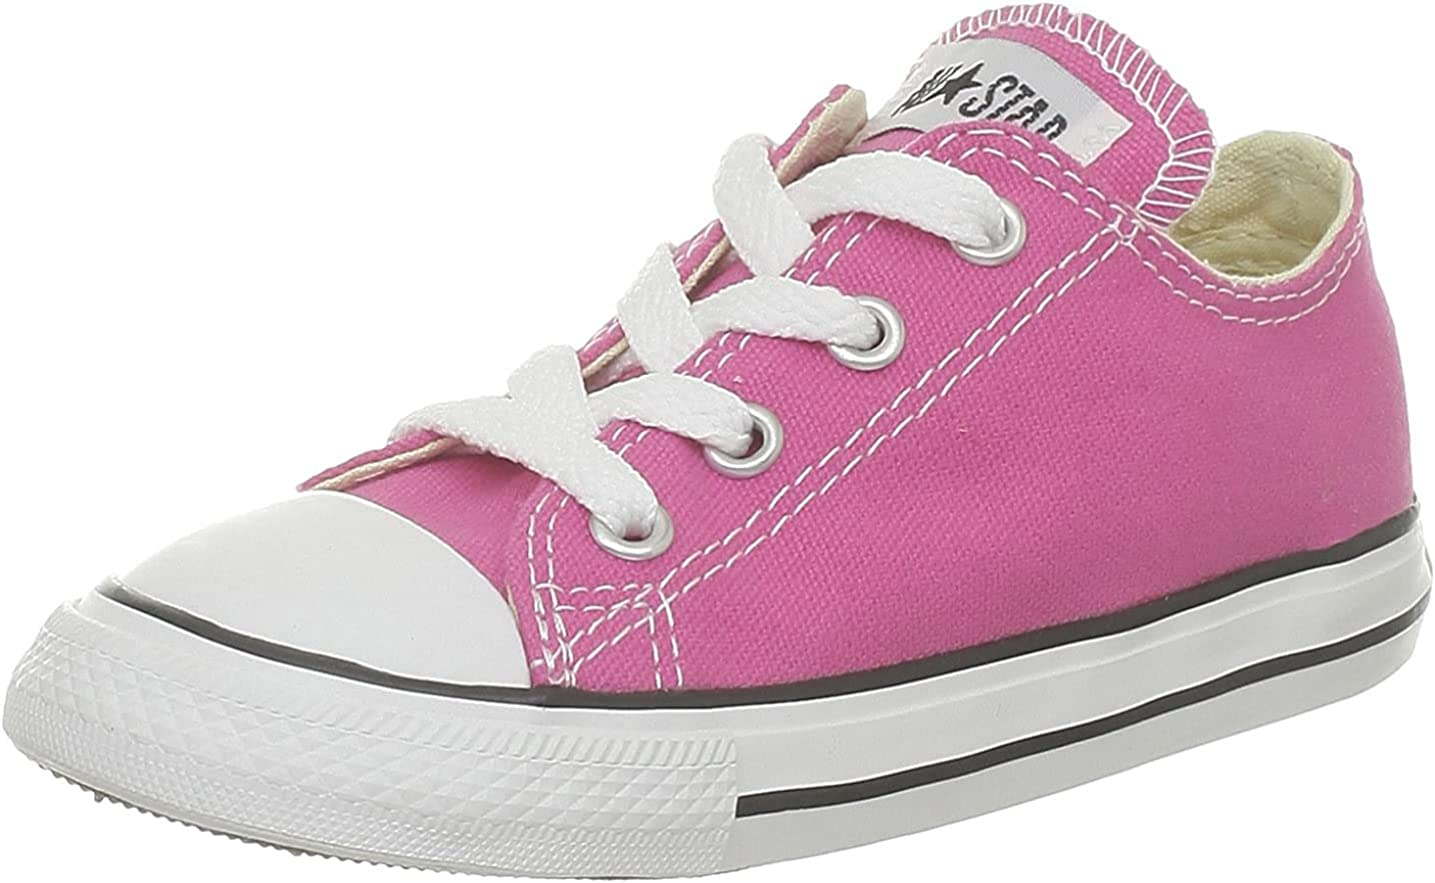 adidas ganz rosa